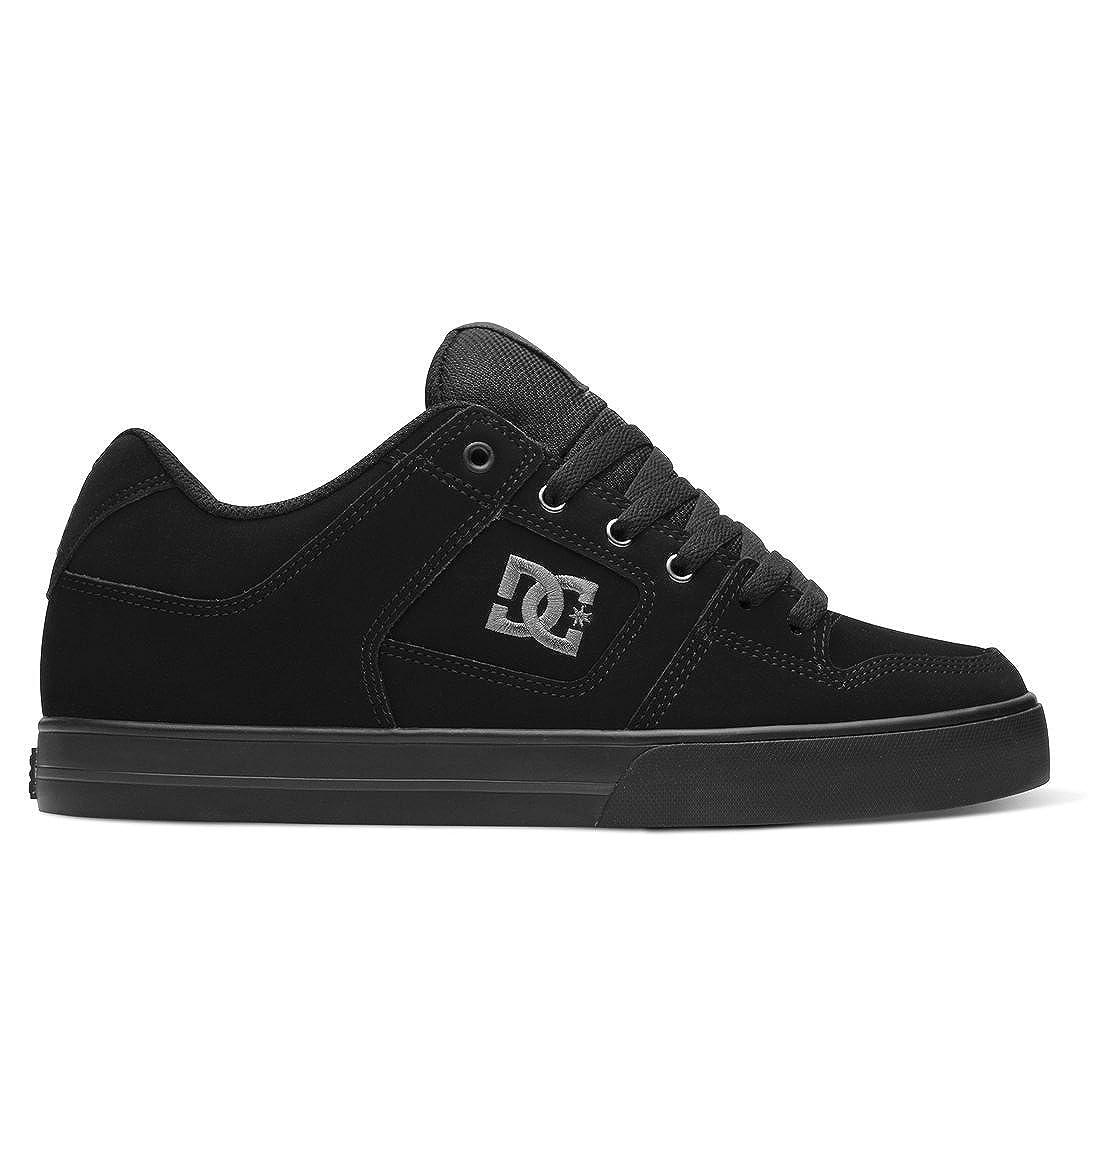 76c20ad1ceac7 DC Shoes Mens Shoes Pure - Shoes 300660